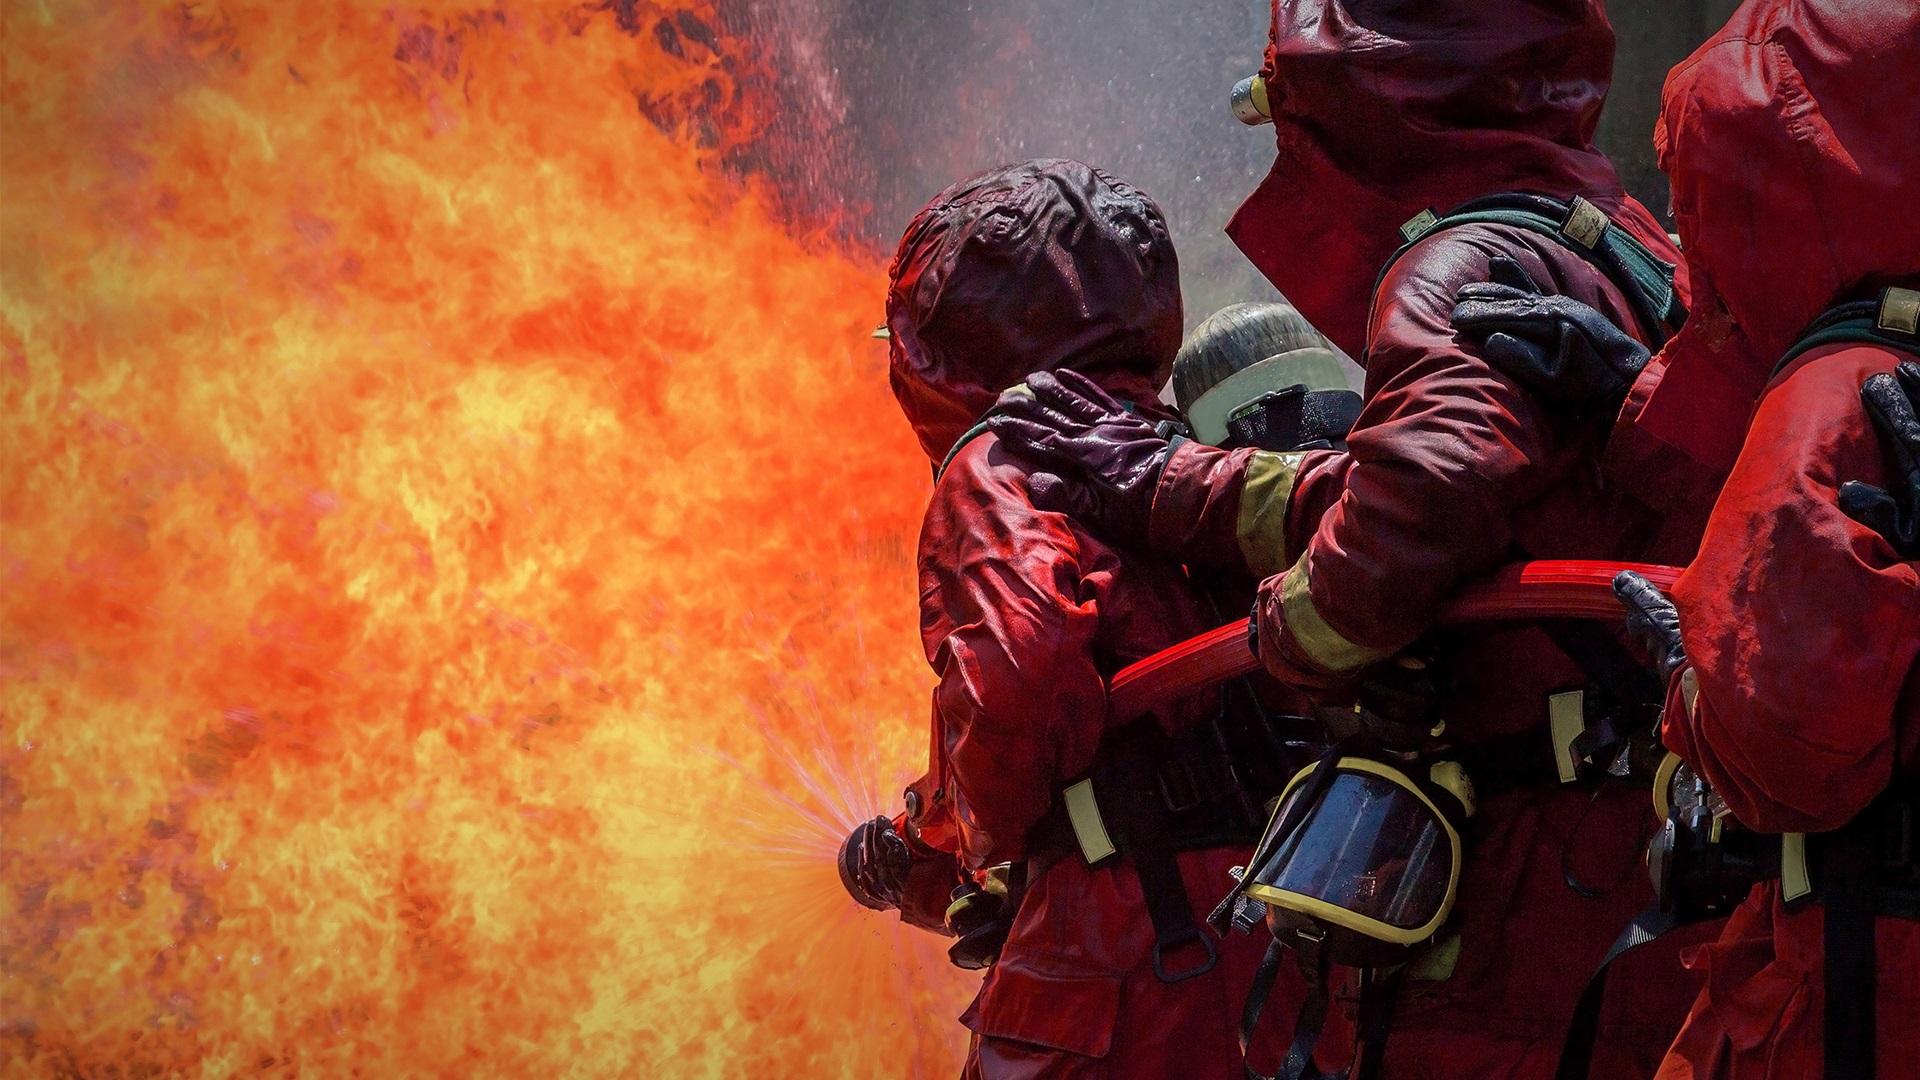 AVK er en af verdens førende producenter af brandhaner